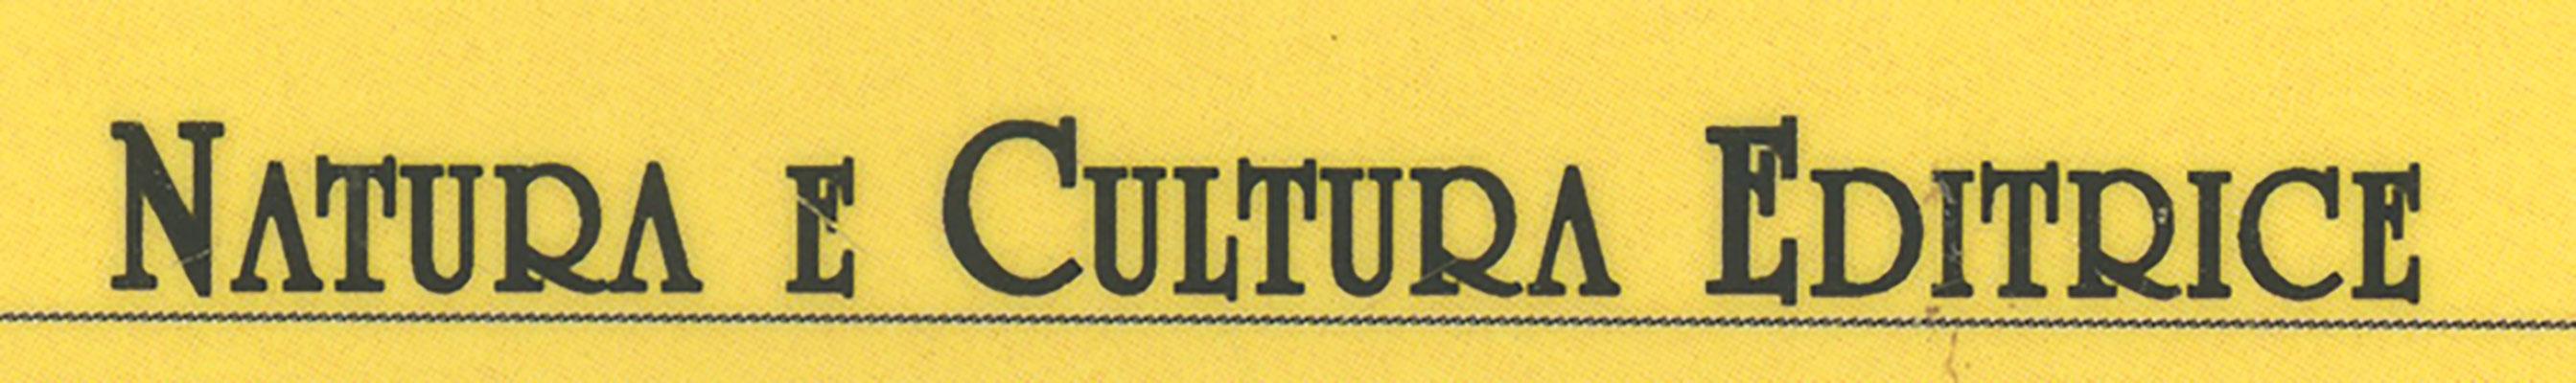 Natura e Cultura Edizioni